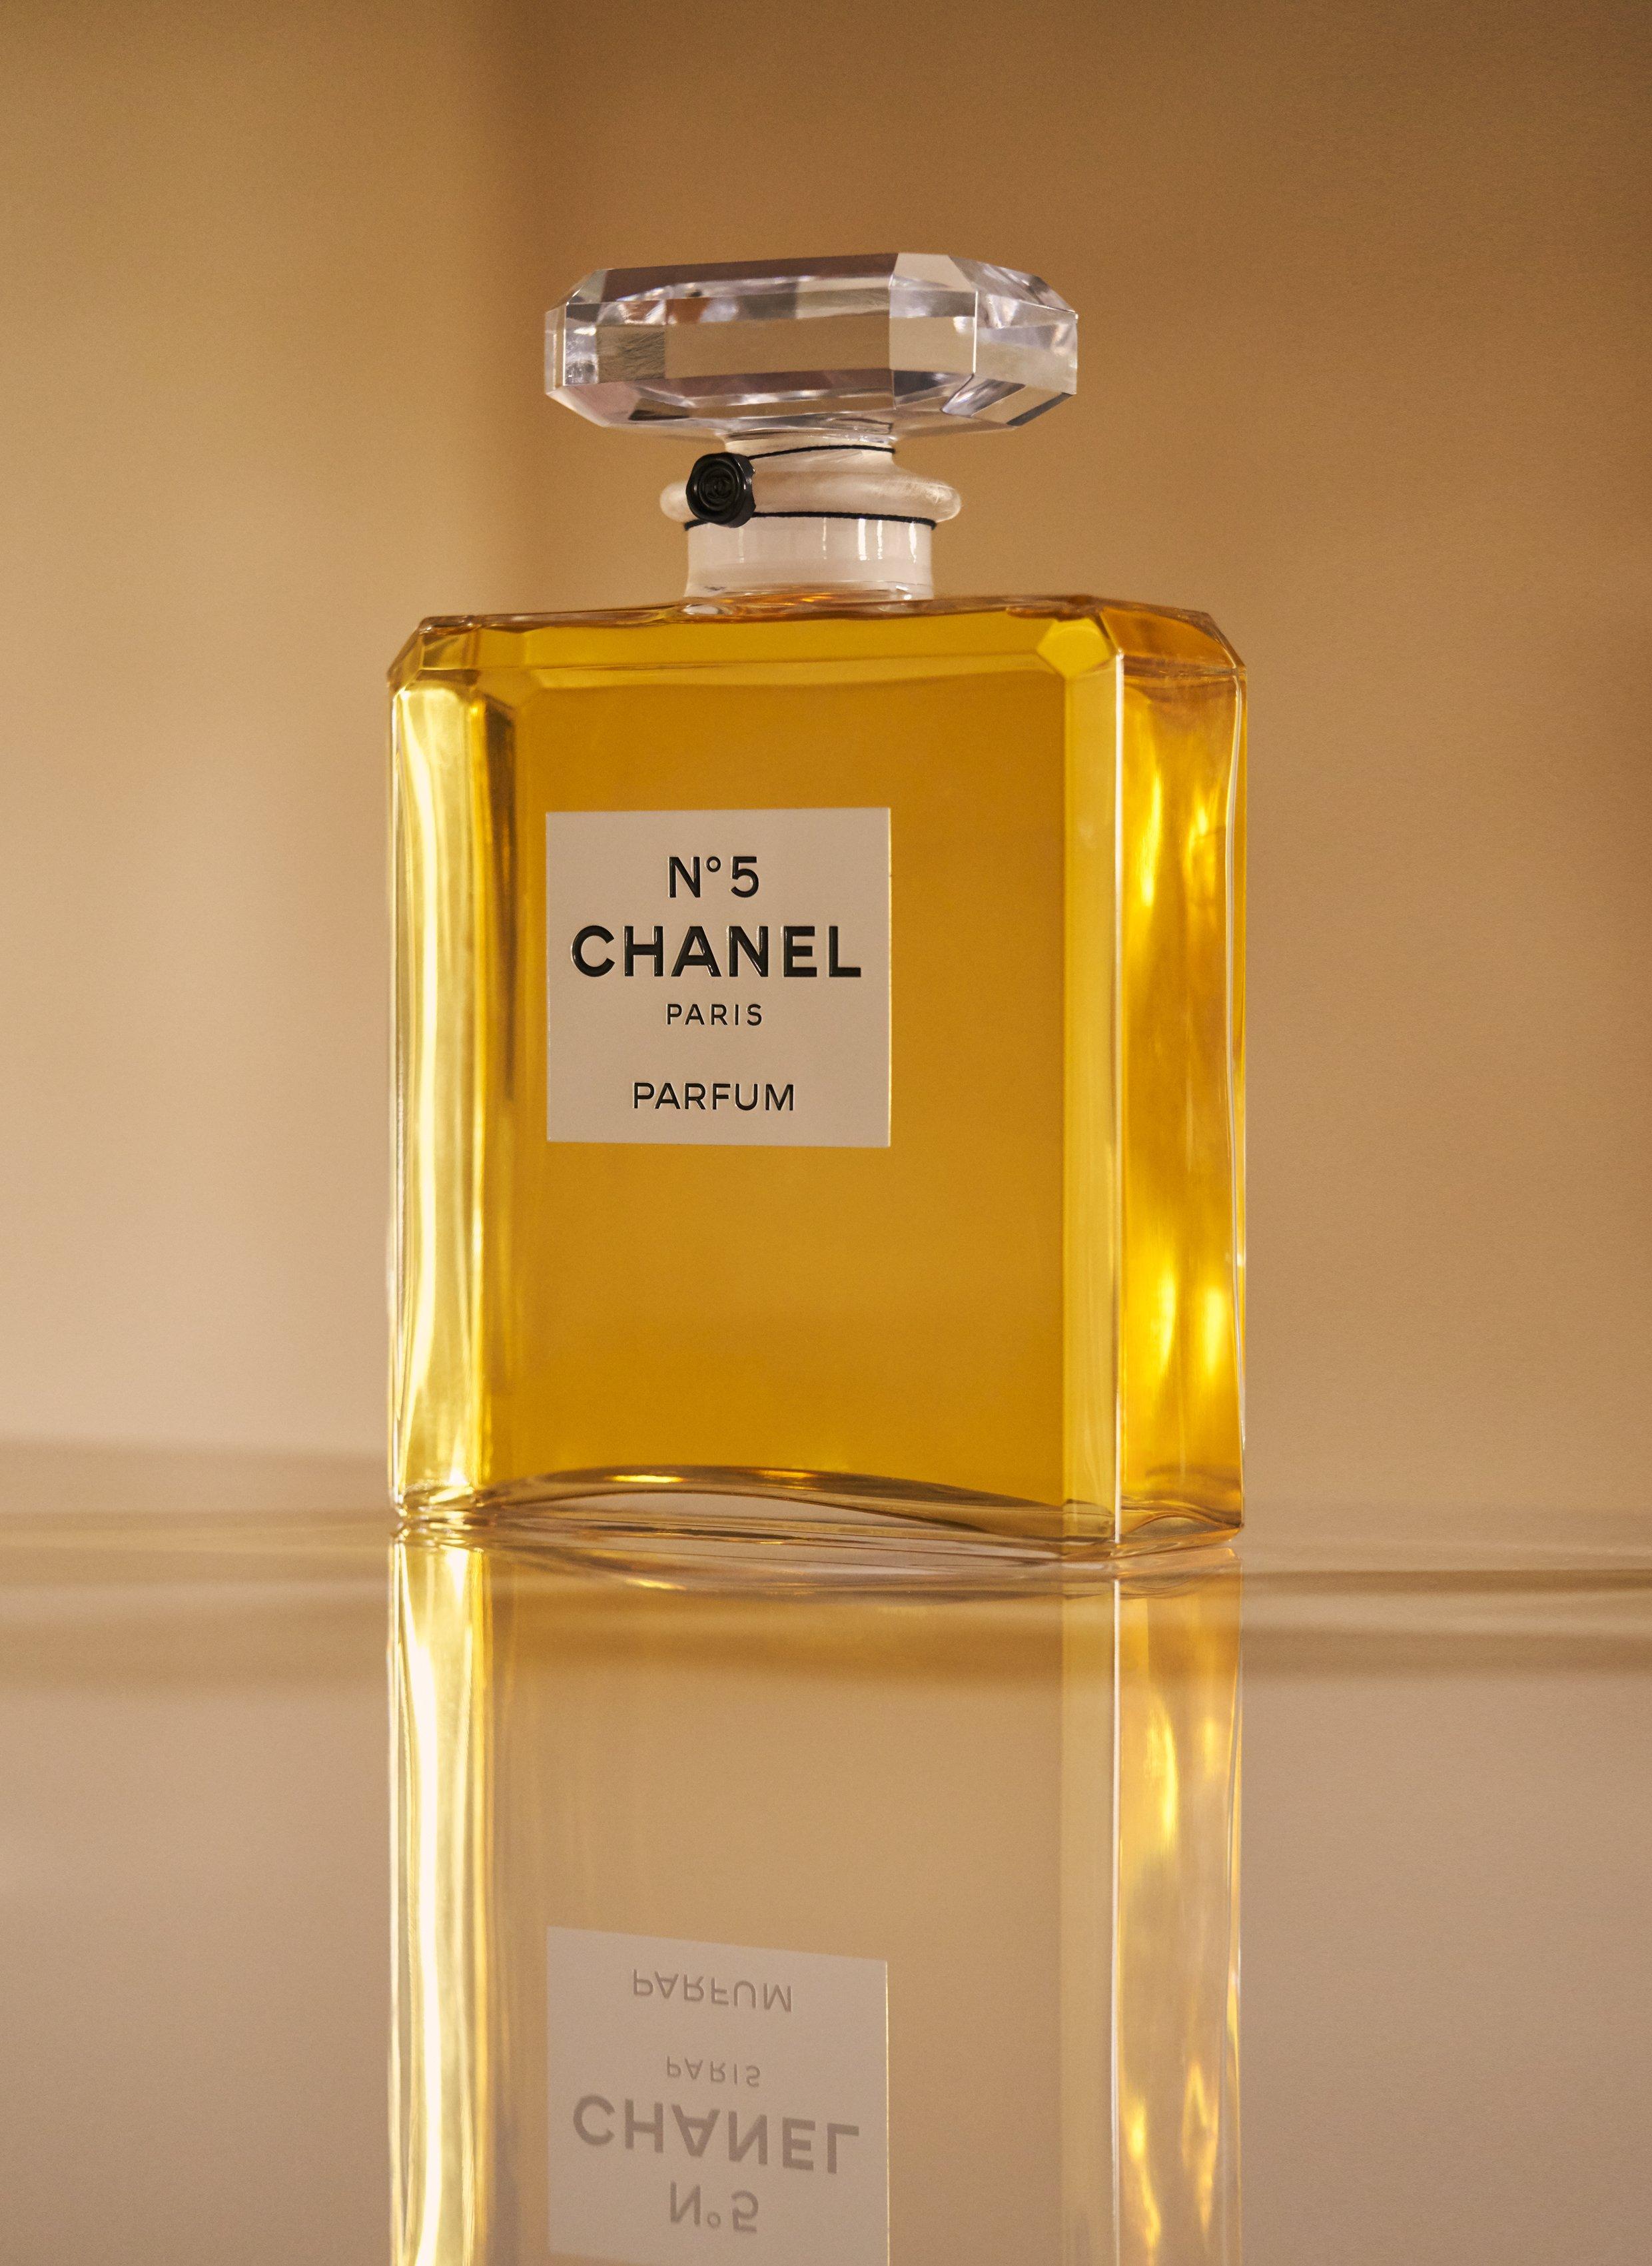 問世至今近百年,香奈兒 N°5 香水依舊是香奈兒的代表氣味,持續風靡全球。集奢華、優雅以及獨到的生活藝術於一身,也是品牌意義非凡的經典香氛。